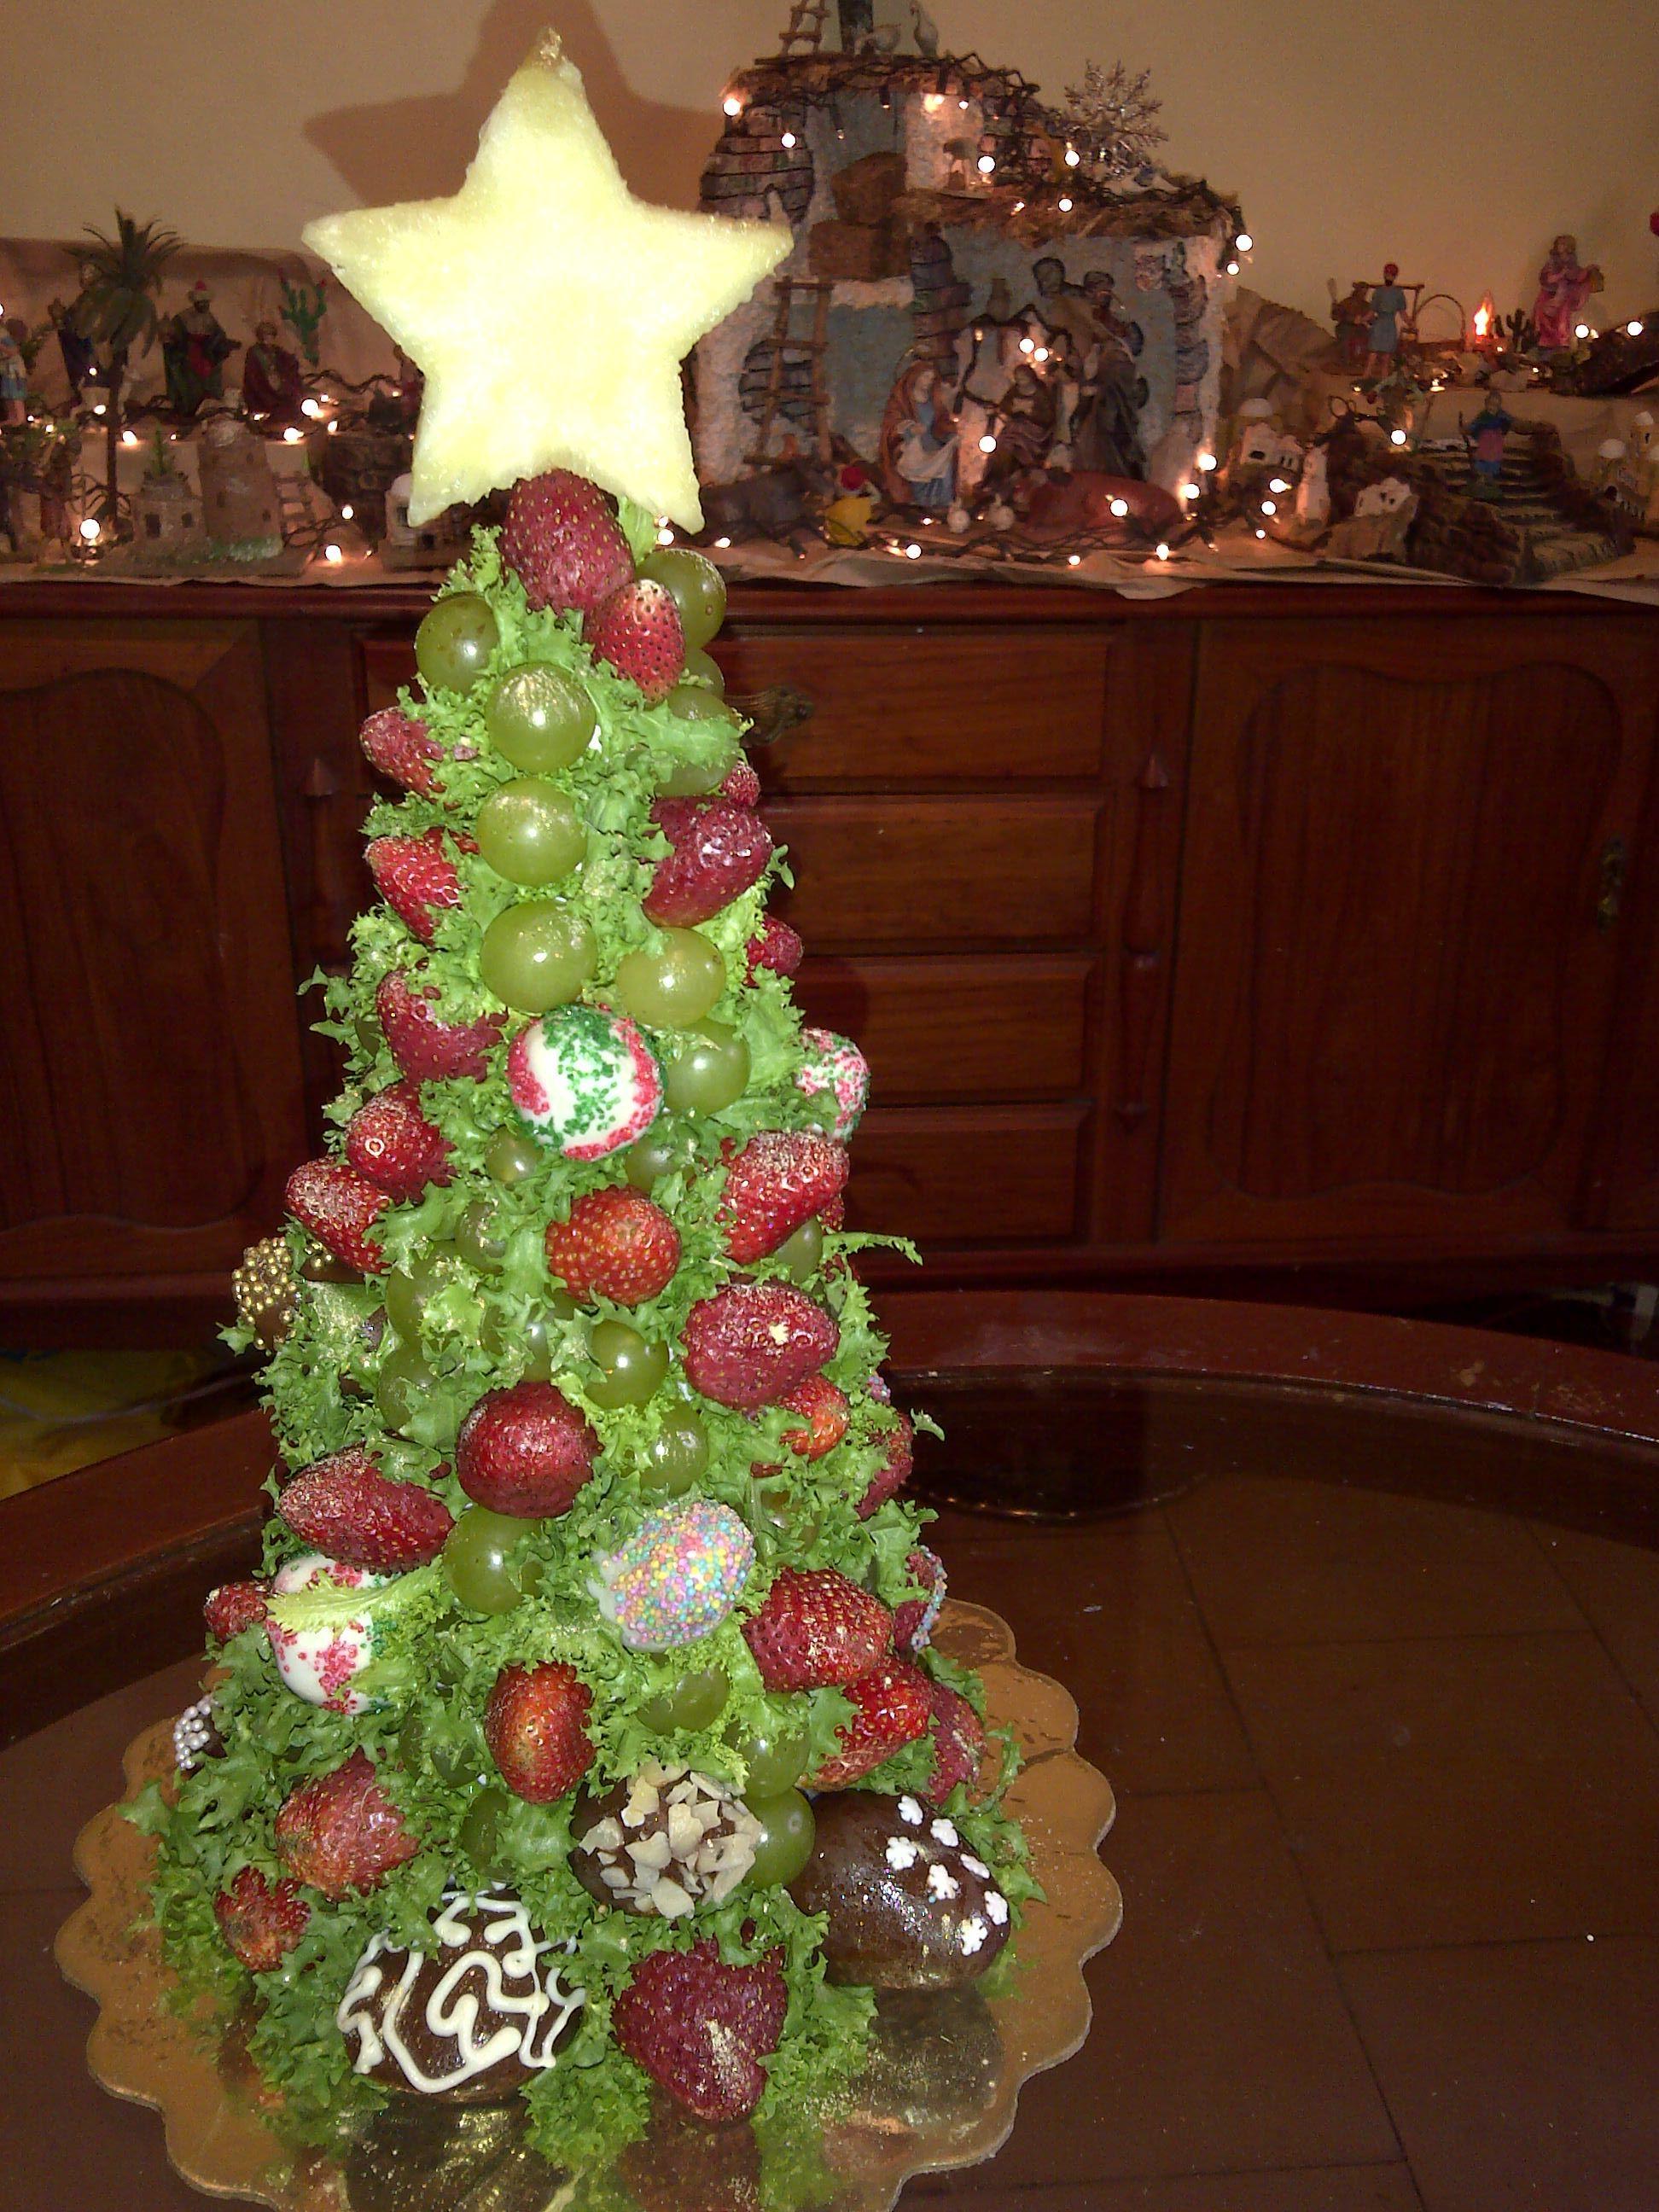 Perfecto para decorar la mesa en la cena navideña...fresas naturales ...